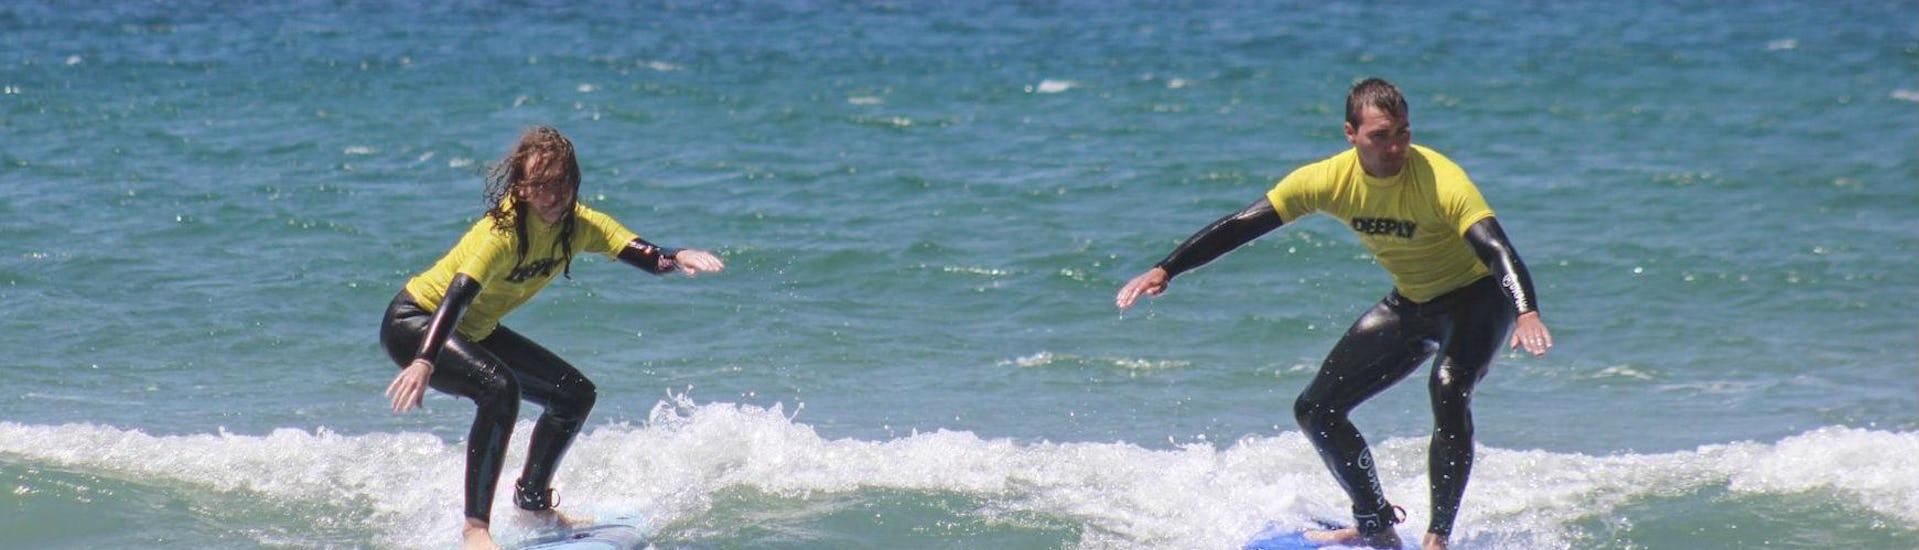 Surfkurs mit Transfer nach Matosinhos - Alle Levels